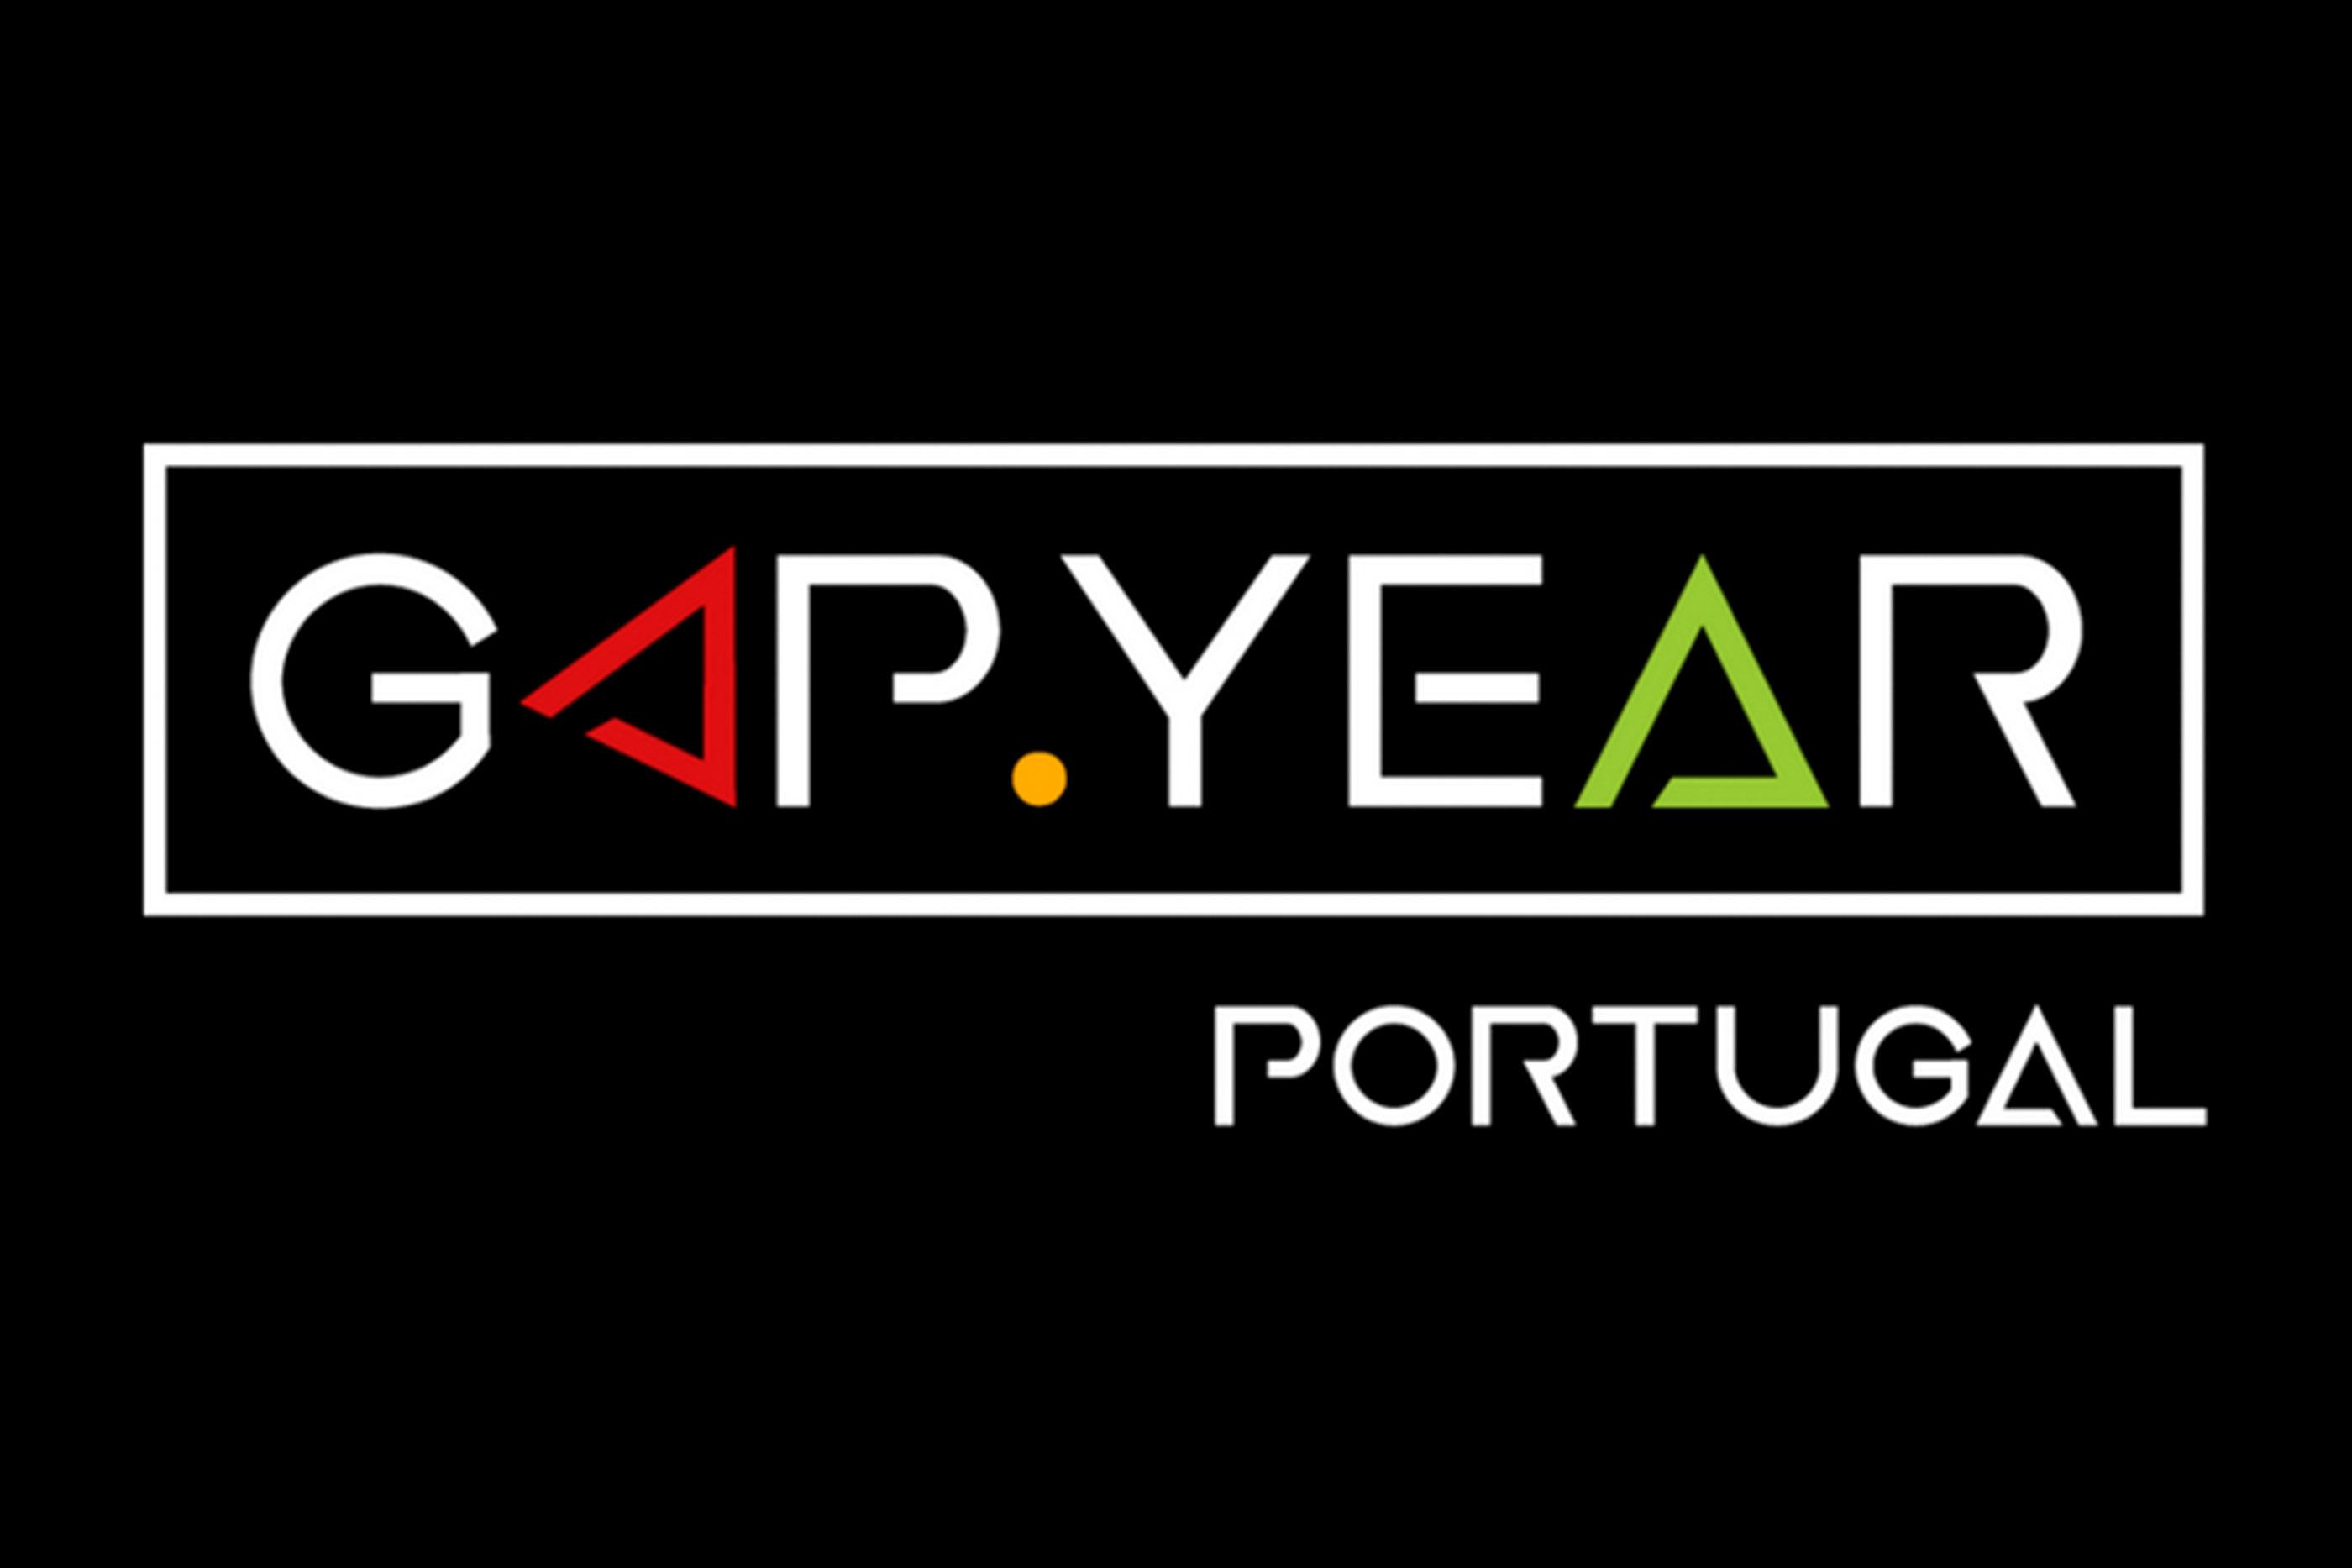 Logotipo da Associação Gap Year Portugal num fundo preto